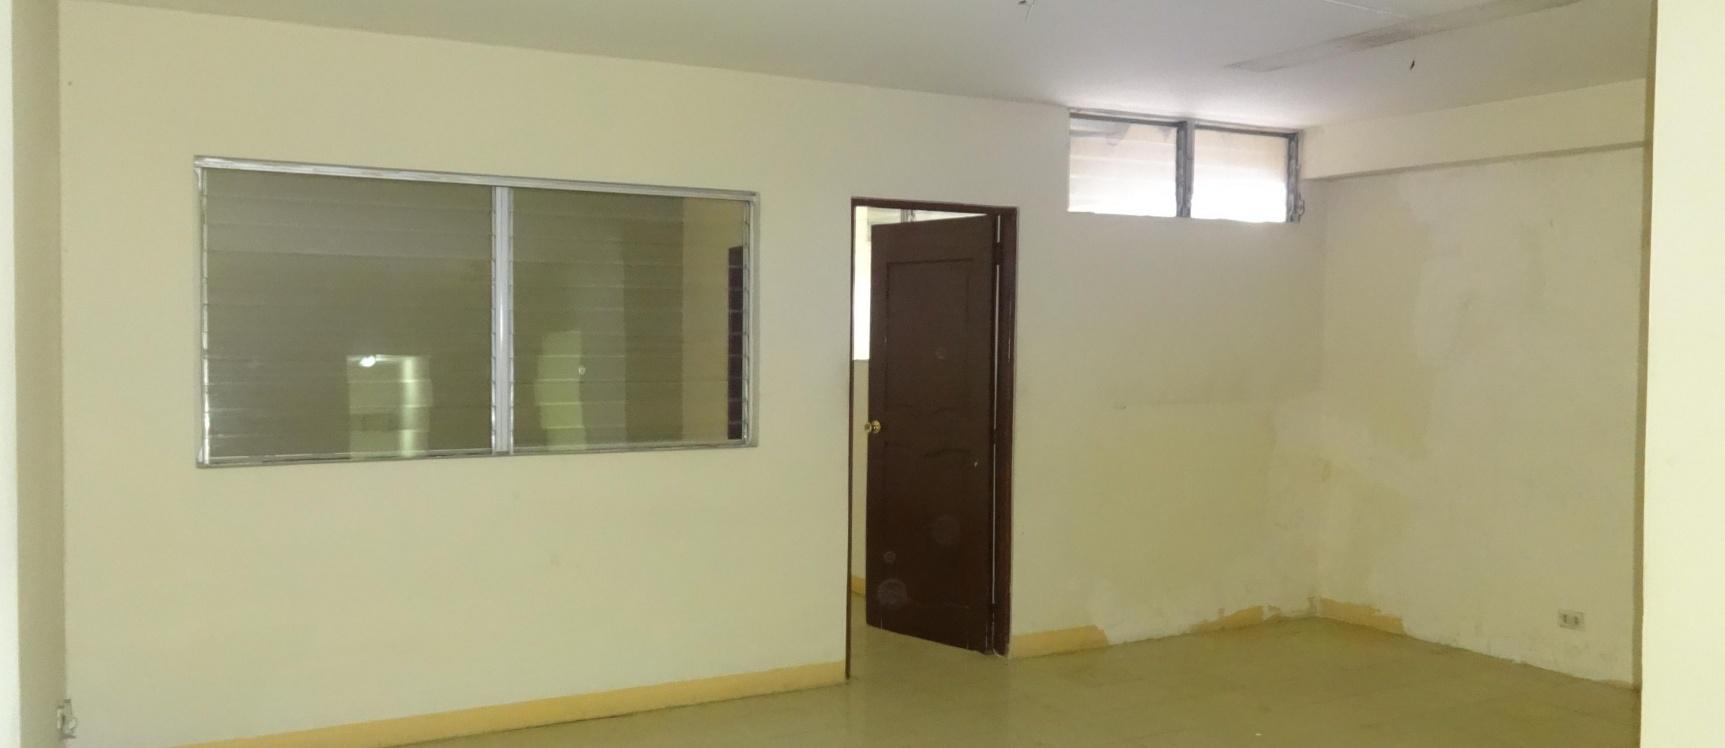 GeoBienes - Oficina en arriendo, Baquerizo Moreno y 9 de Octubre centro de Guayaquil - Plusvalia Guayaquil Casas de venta y alquiler Inmobiliaria Ecuador